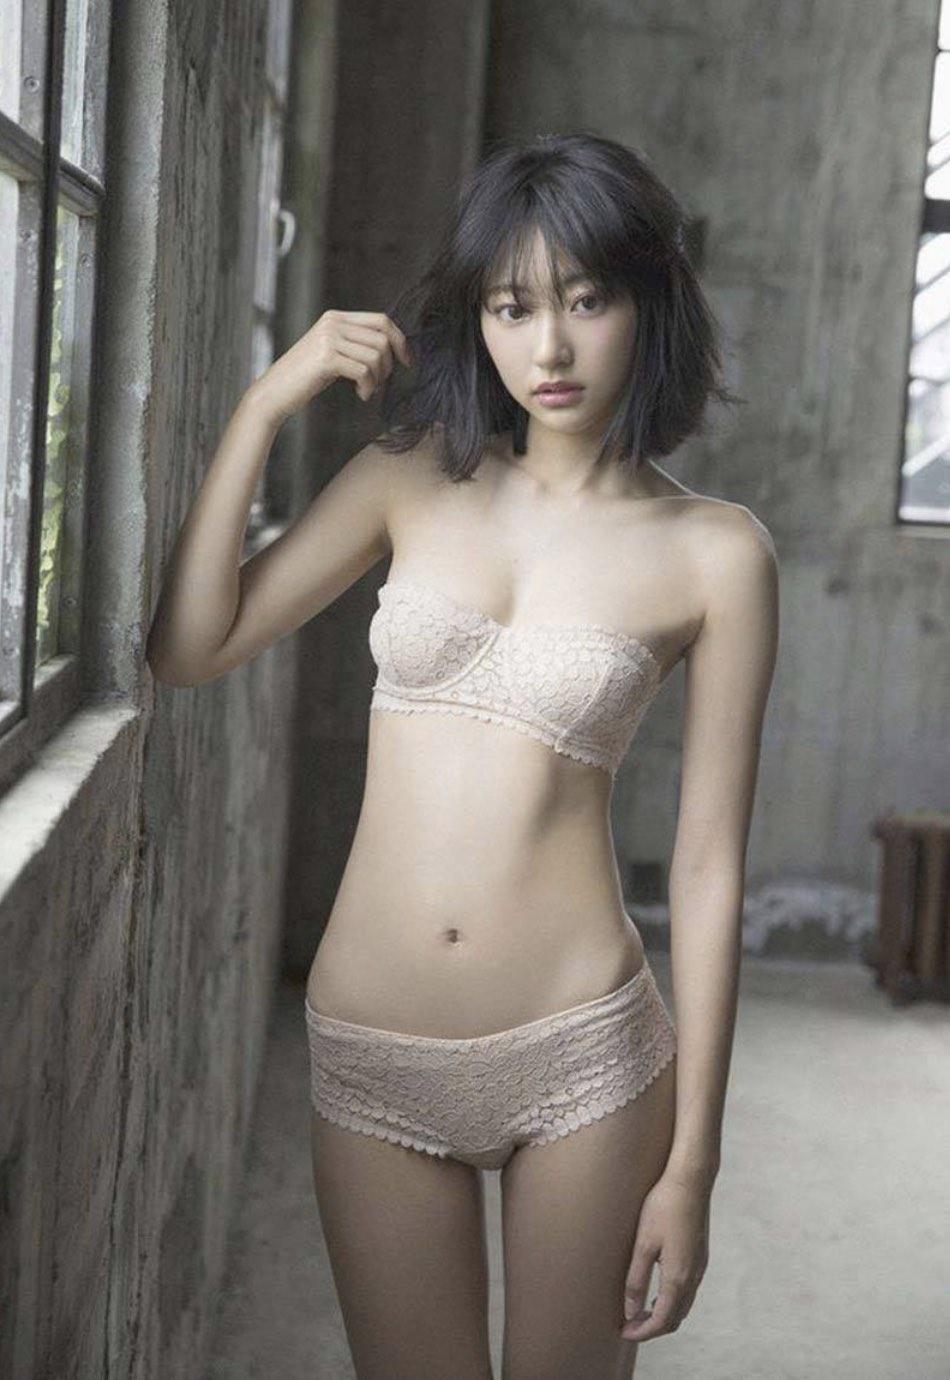 競艇ボートレースCMに出演する武田玲奈の画像